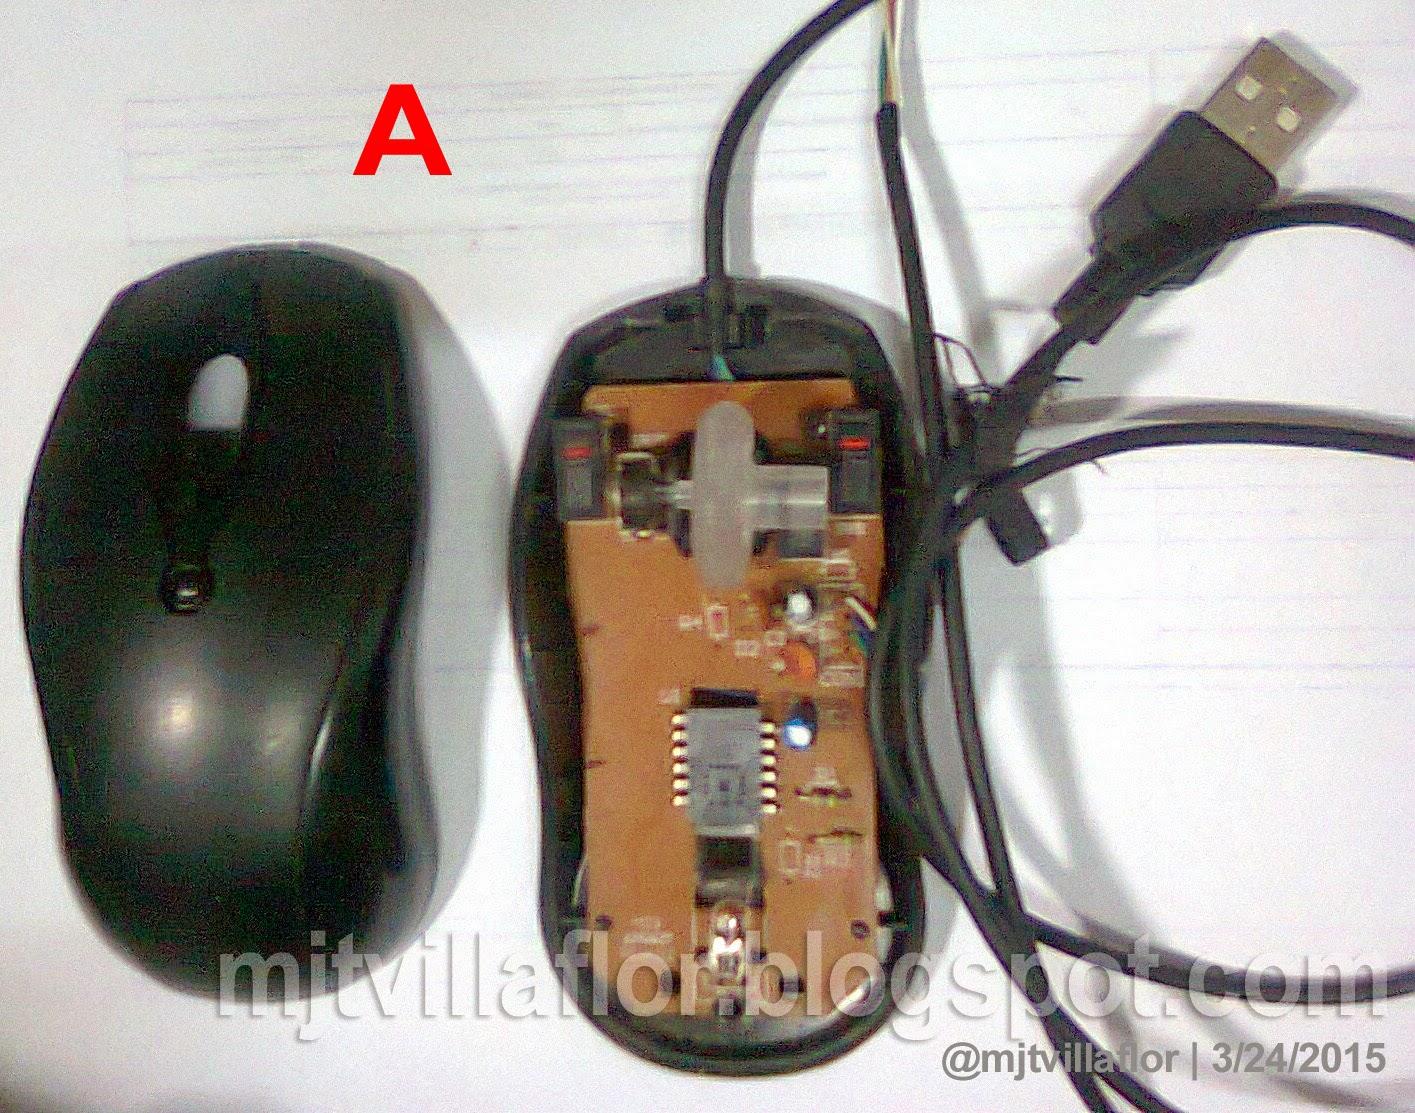 troubleshooting usb mouse wiring mjtvillaflor rh mjtvillaflor blogspot com USB Cable Wire Color Code USB Cable Types